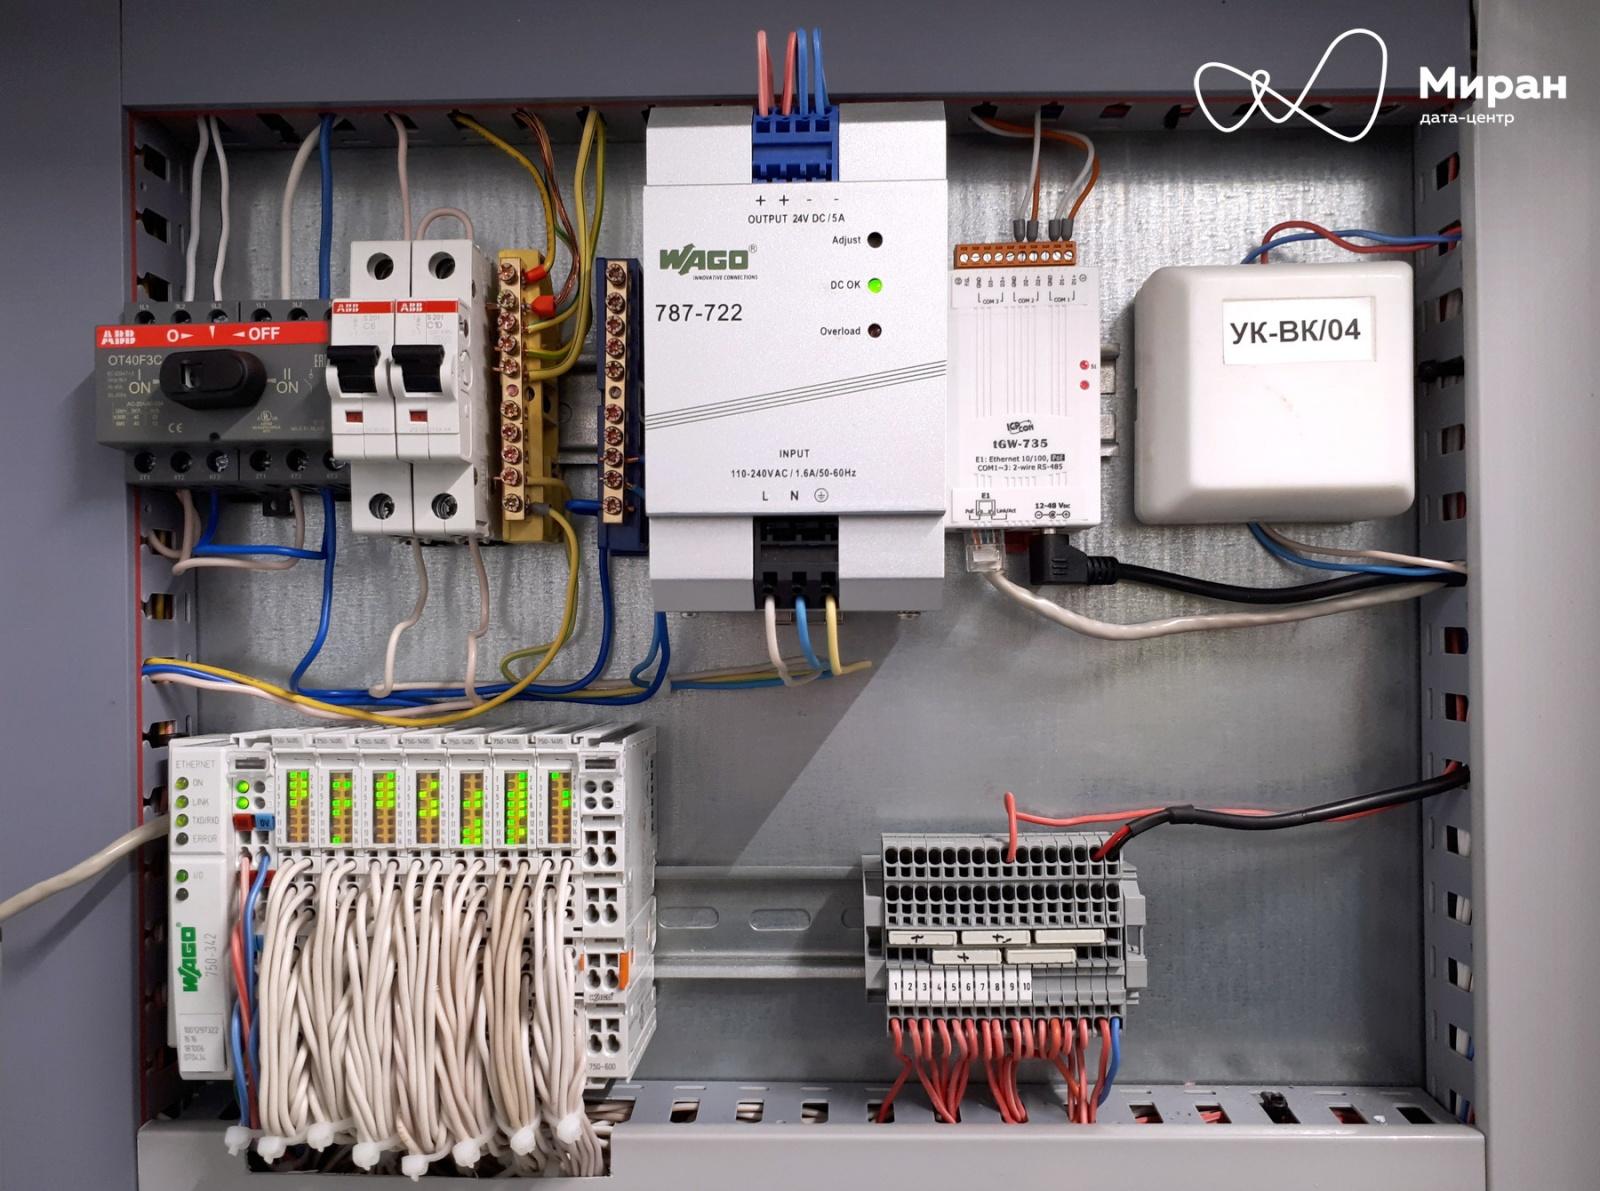 Инженерные системы наших дата-центров и их мониторинг, часть первая - 15